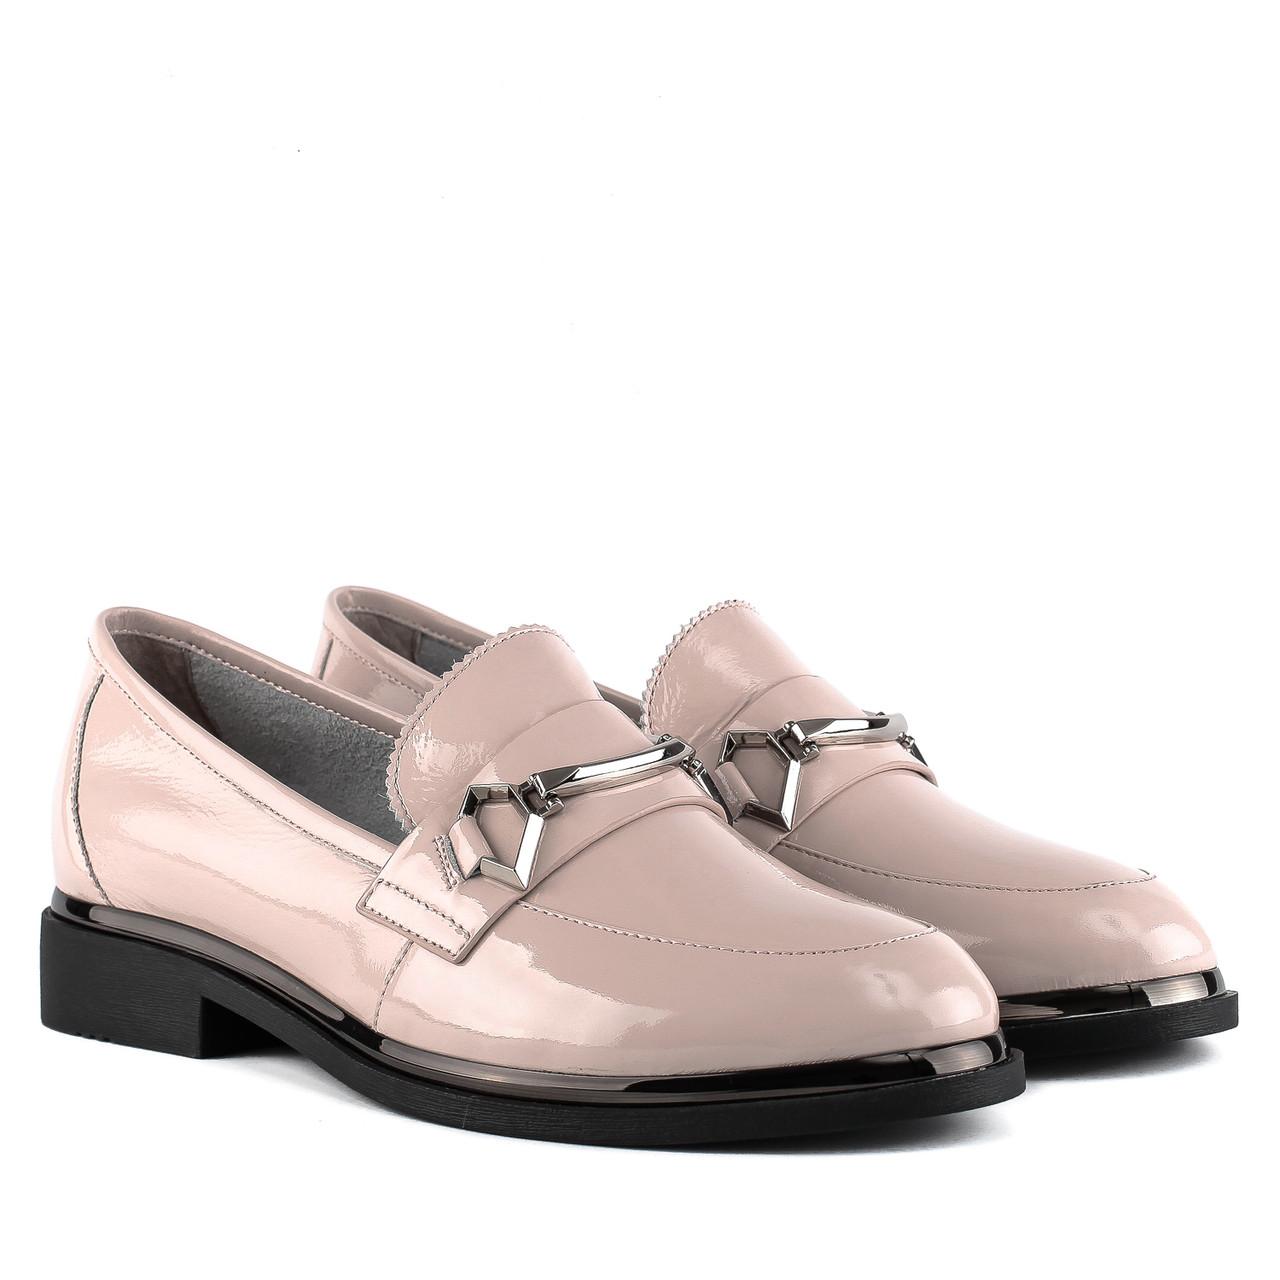 868be76cc Туфли-лоферы женские Deenoor (модный оттенок, удобные, модные, актуальный  дизайн)